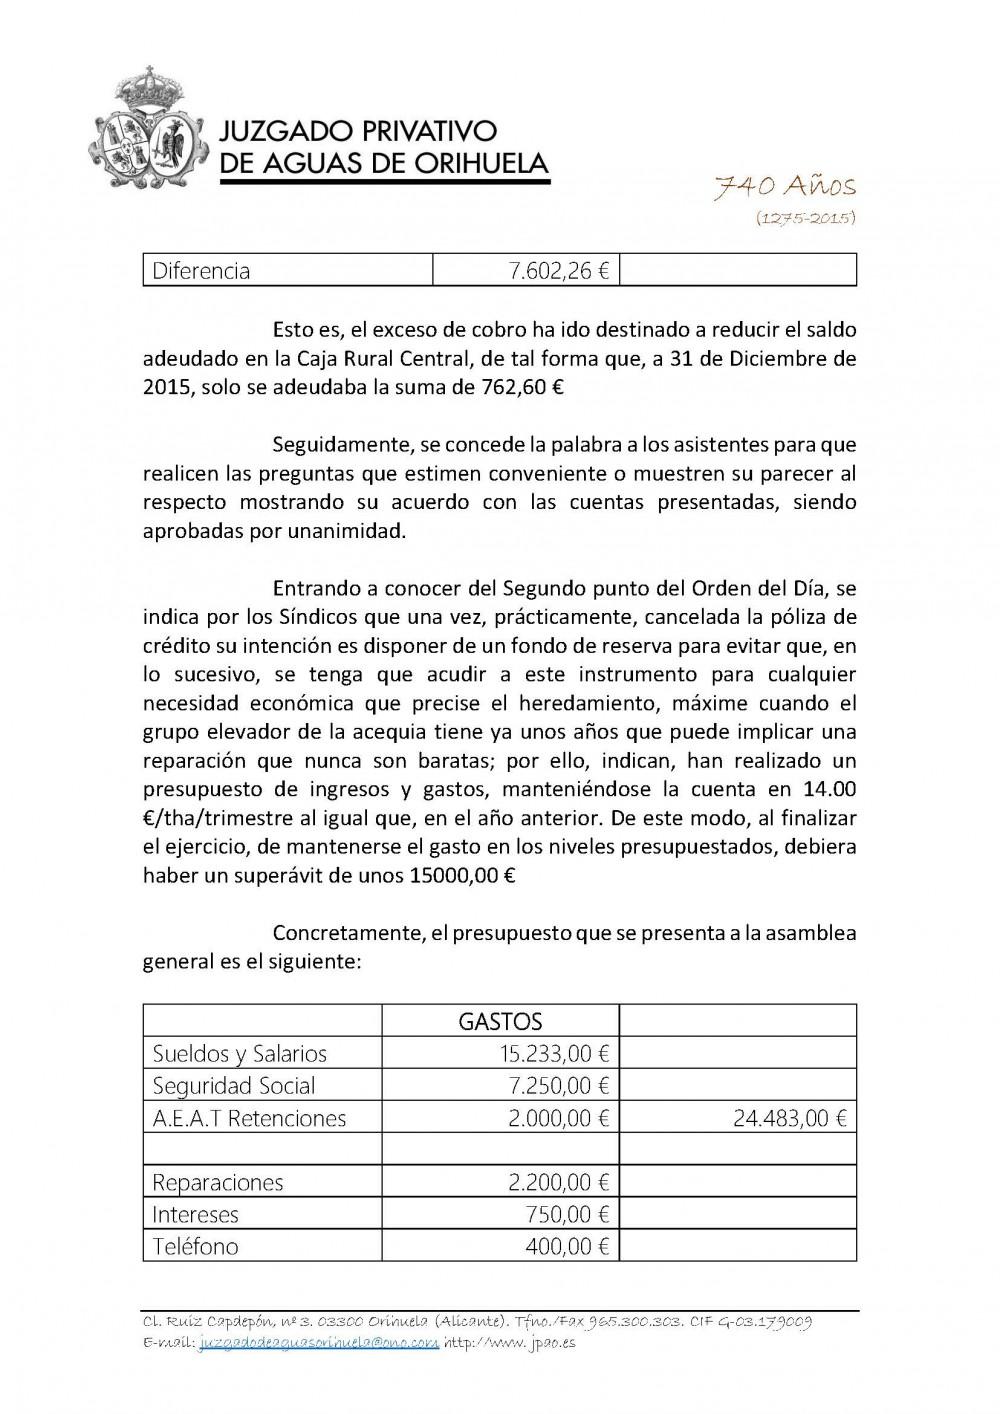 9 2016 ACEQUIA DEL ESCORRATEL. ACTA ASAMBLEA GENERAL 12022016_Página_3